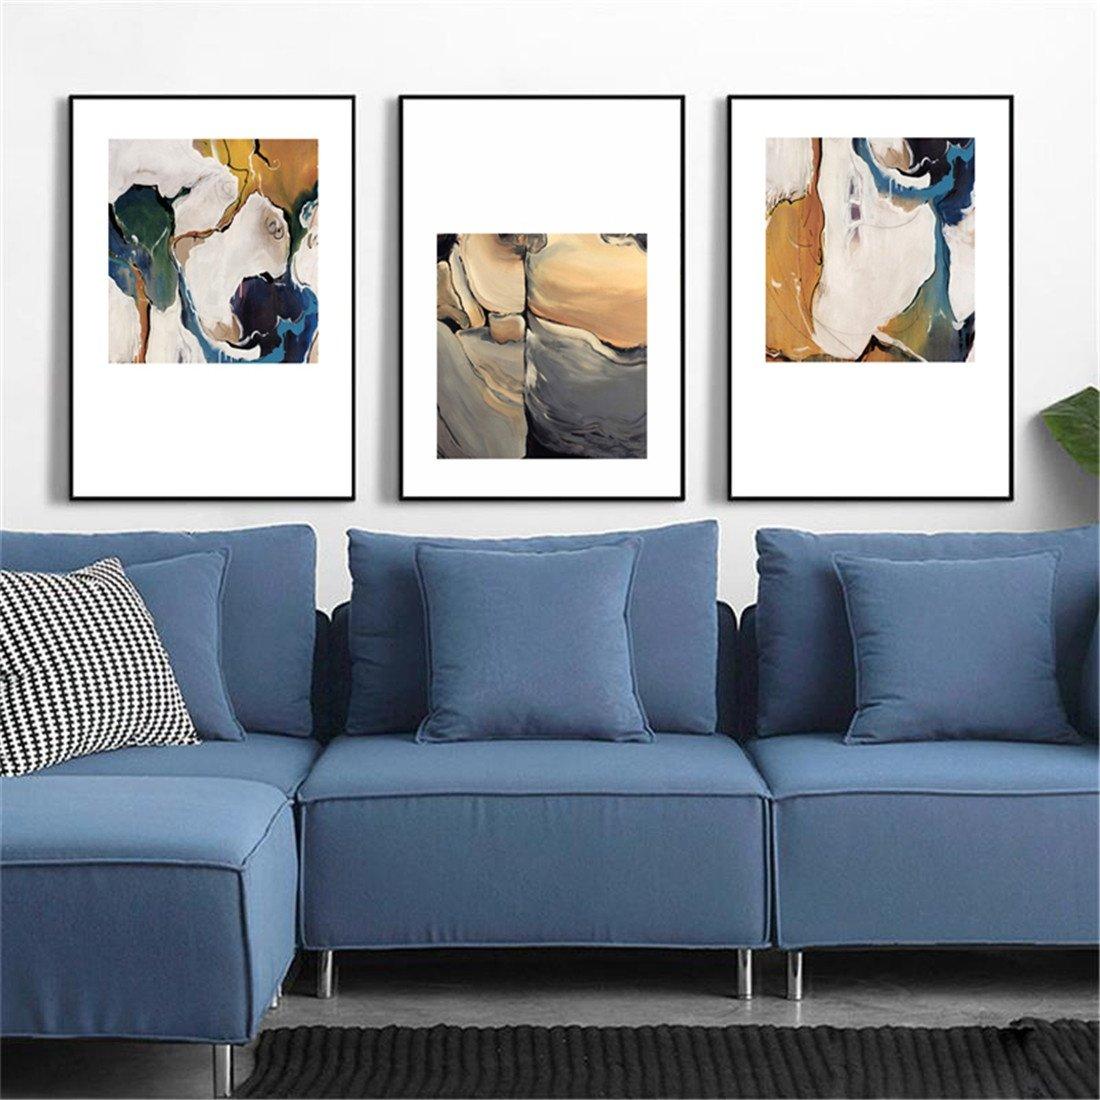 Bing BINGnórdico Salón Pintura Decorativa sofá Fondo Pared Pintura Pintura Triple Simple Mural de la Pared (40  60  3. 8 cm)